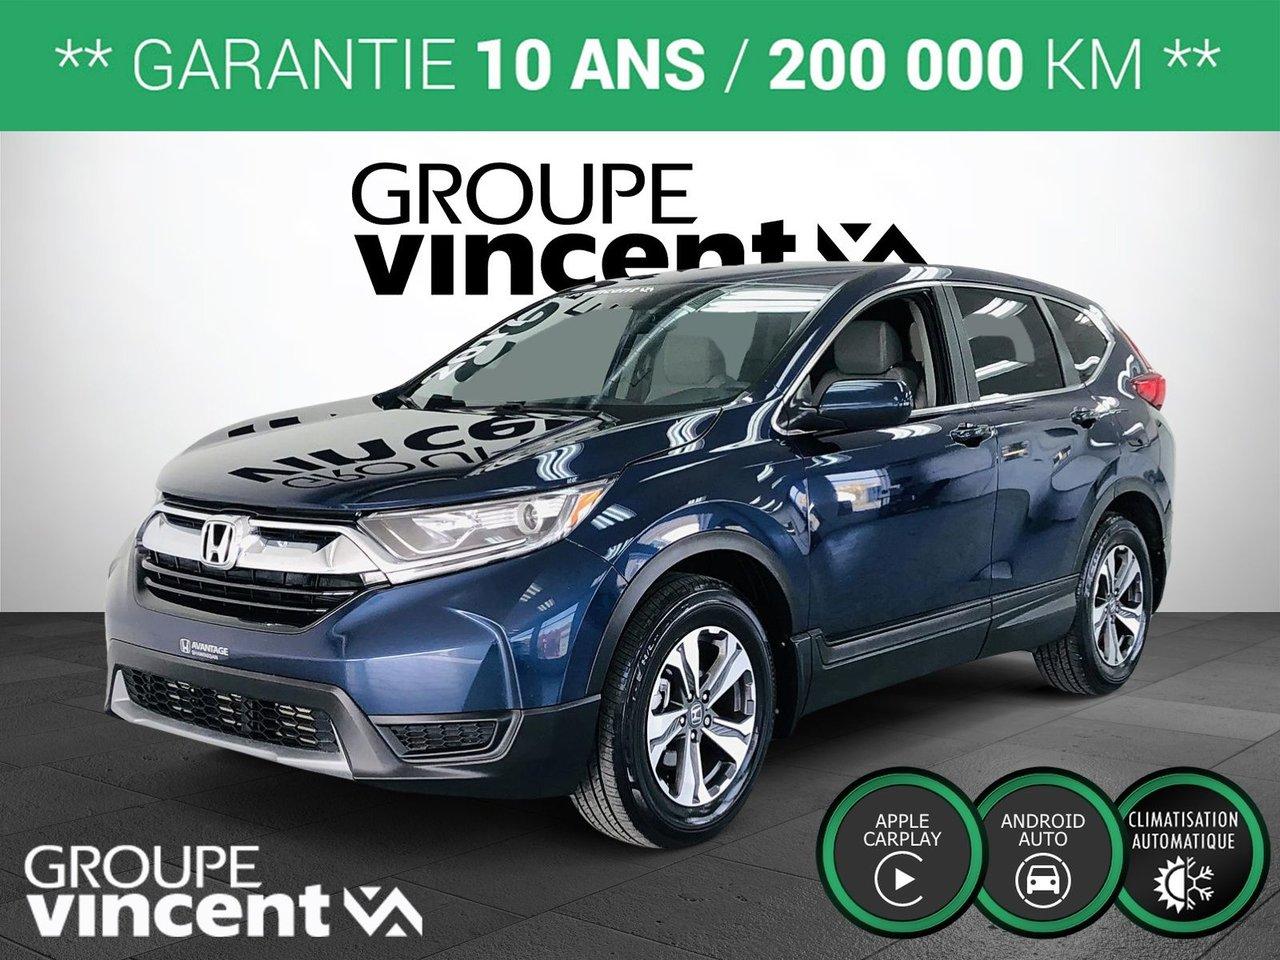 Honda CR-V 2017 LX ** GARANTIE 10 ANS **